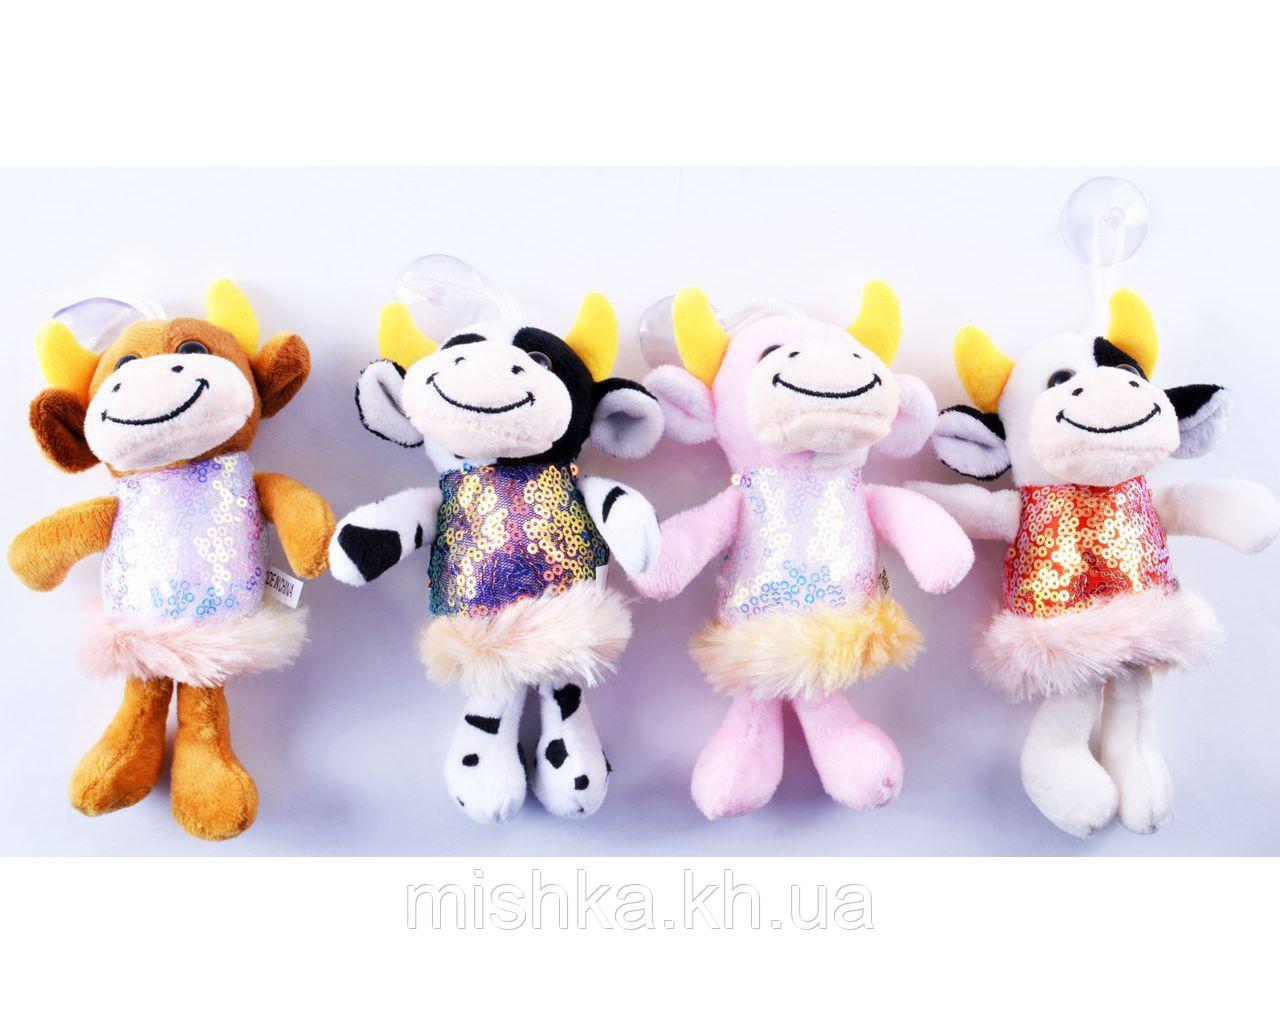 М'яка іграшка Корівка в блискучому сукню №005431